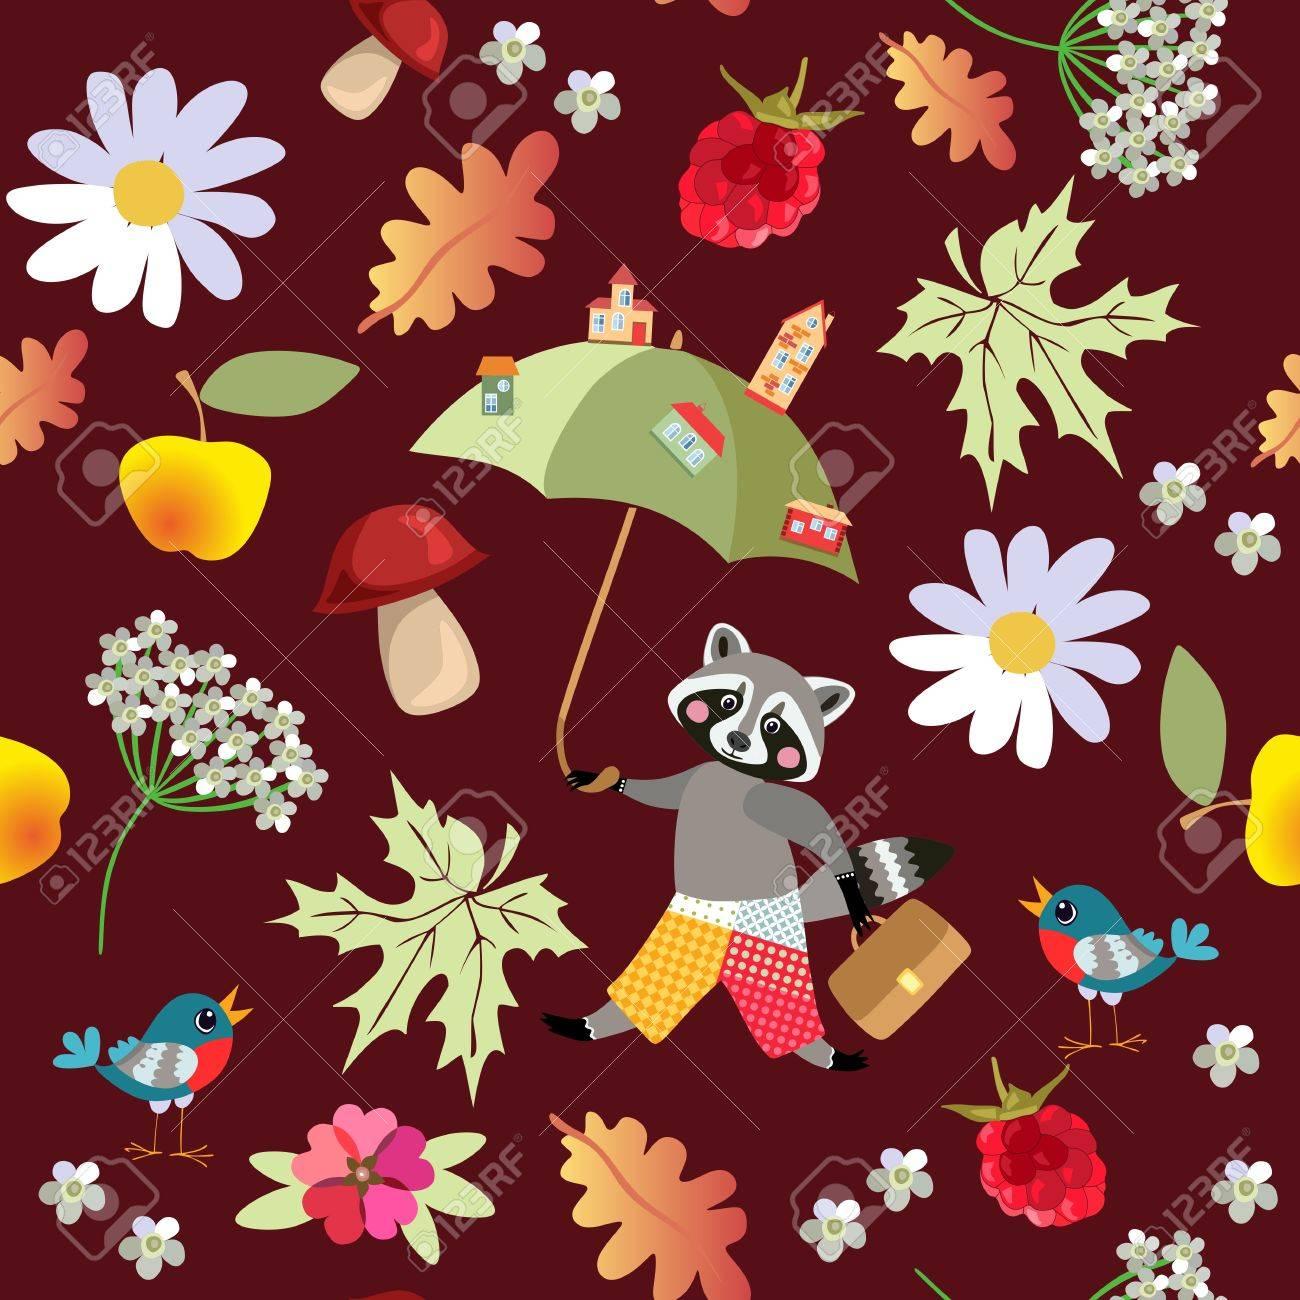 Nahtlose Vektor Muster Mit Niedlichen Cartoon Waschbar Blumen